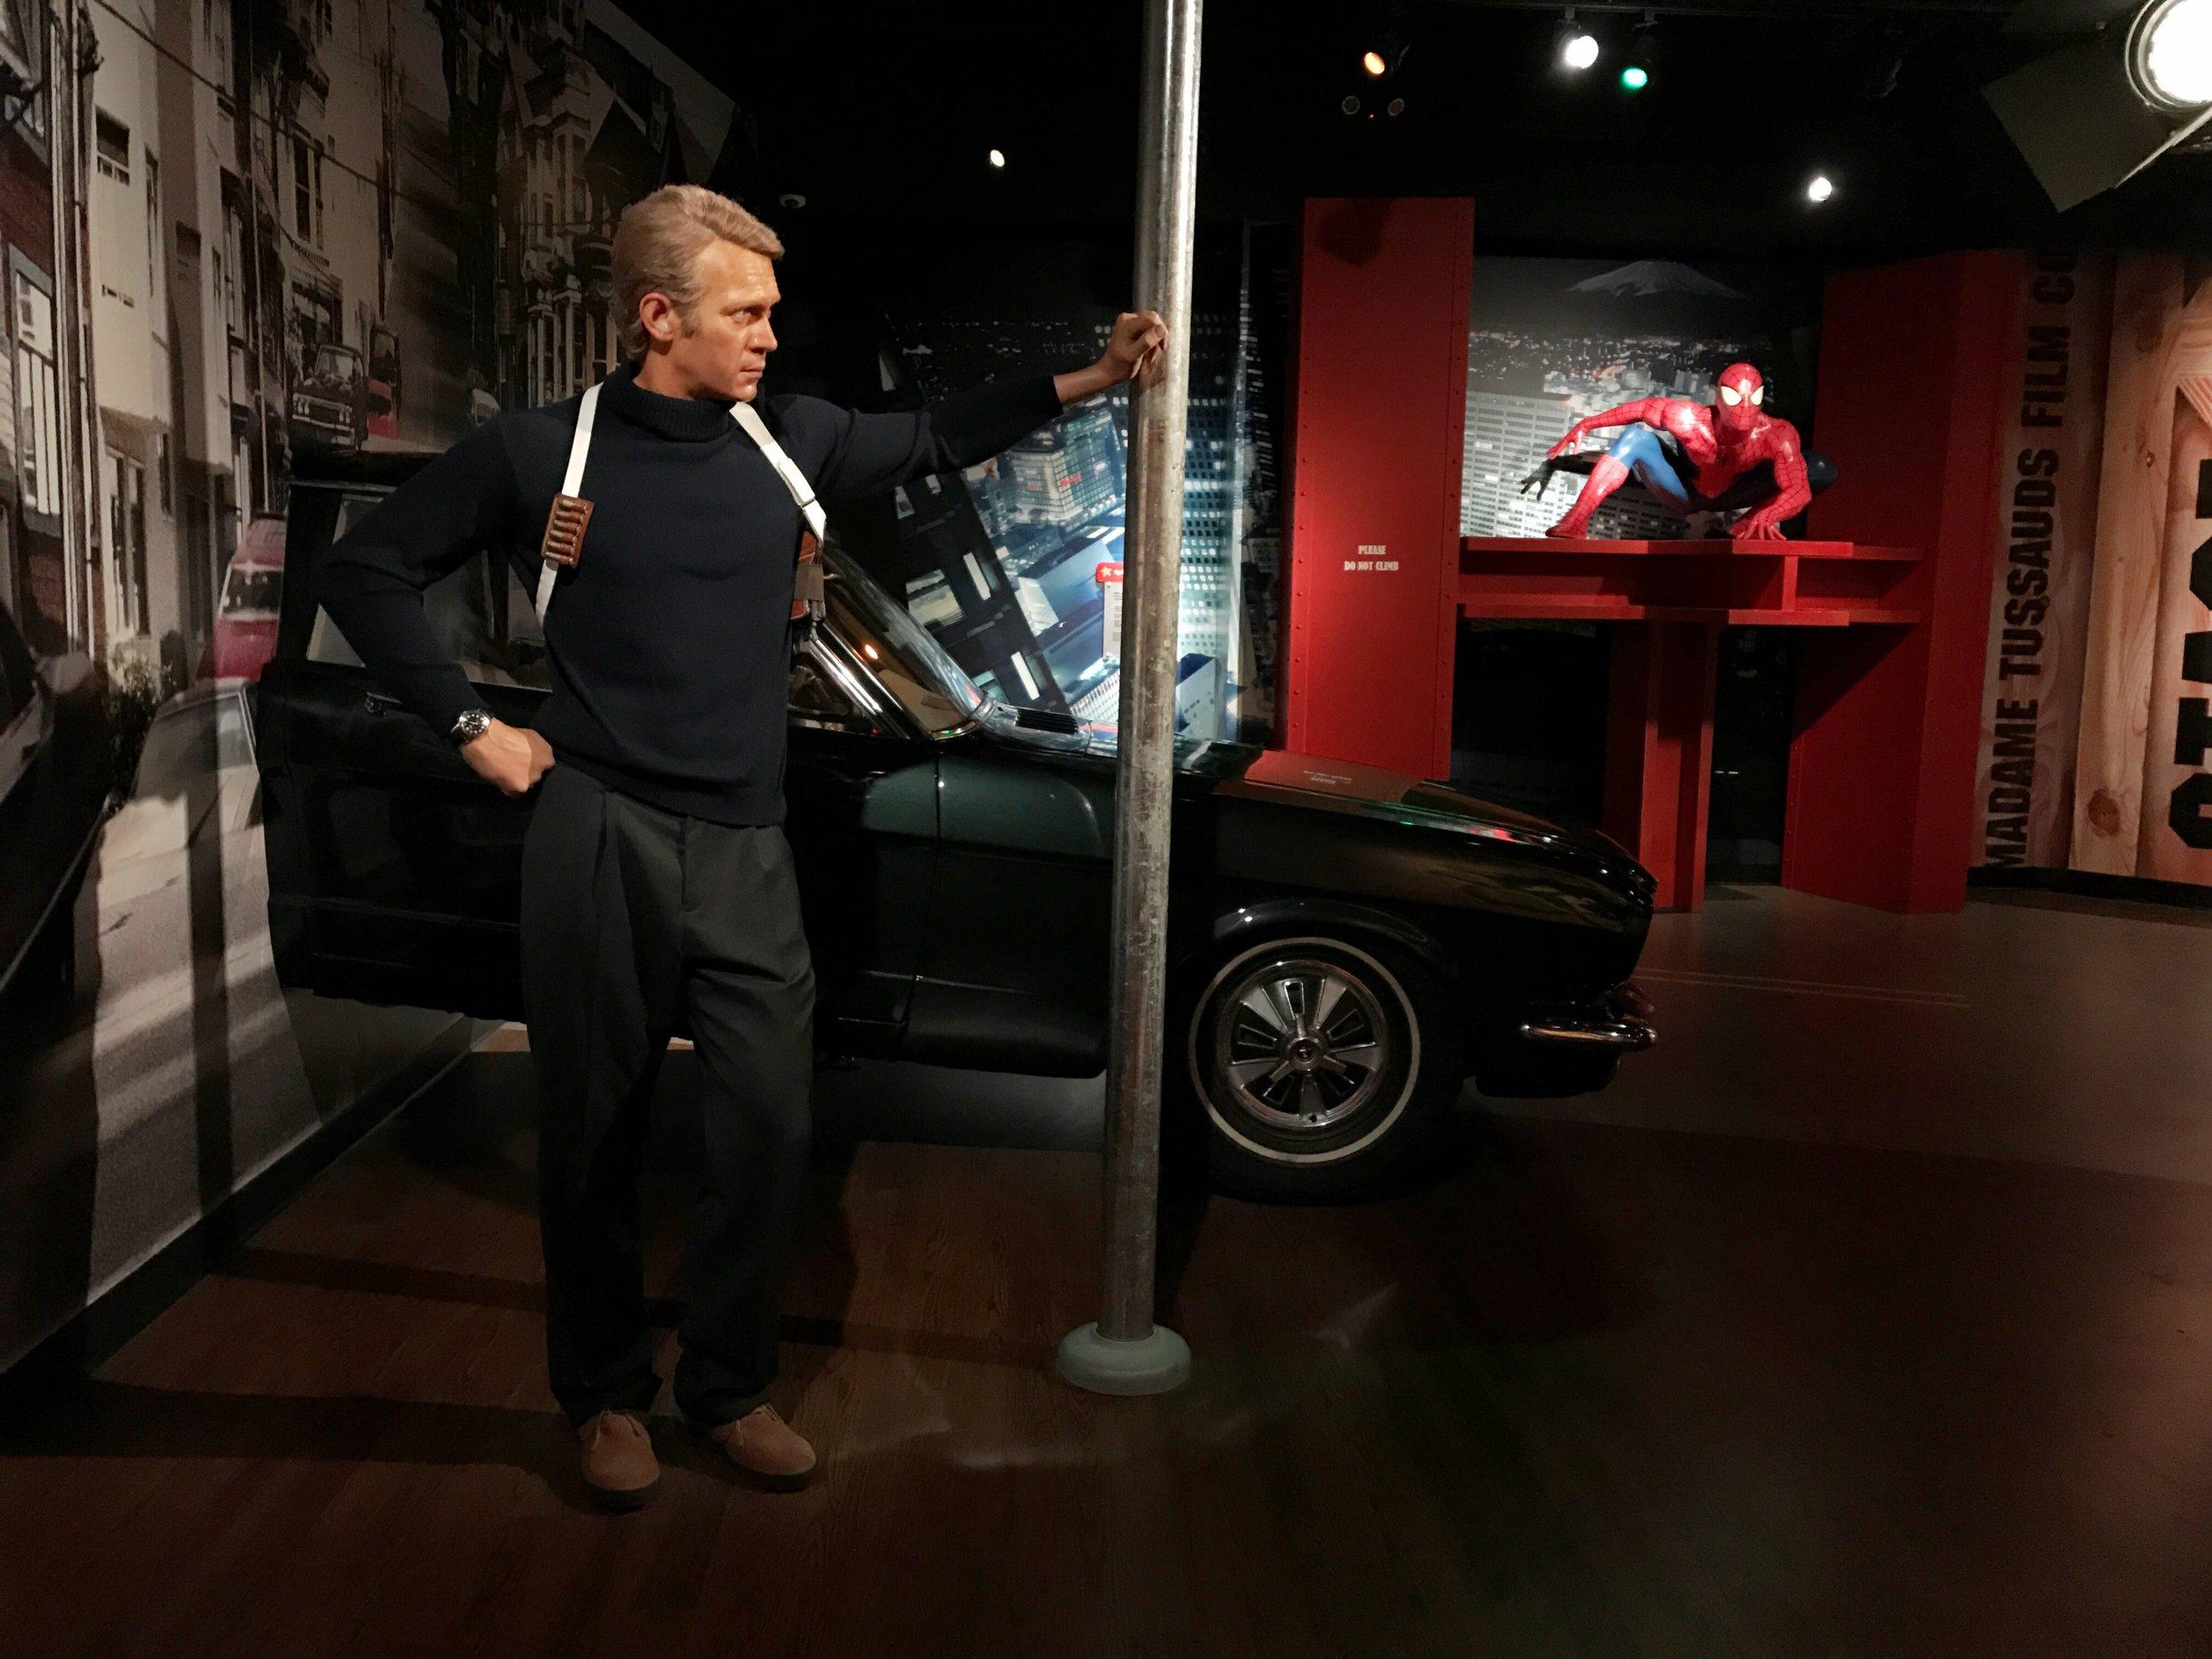 Steve McQueen & Spiderman